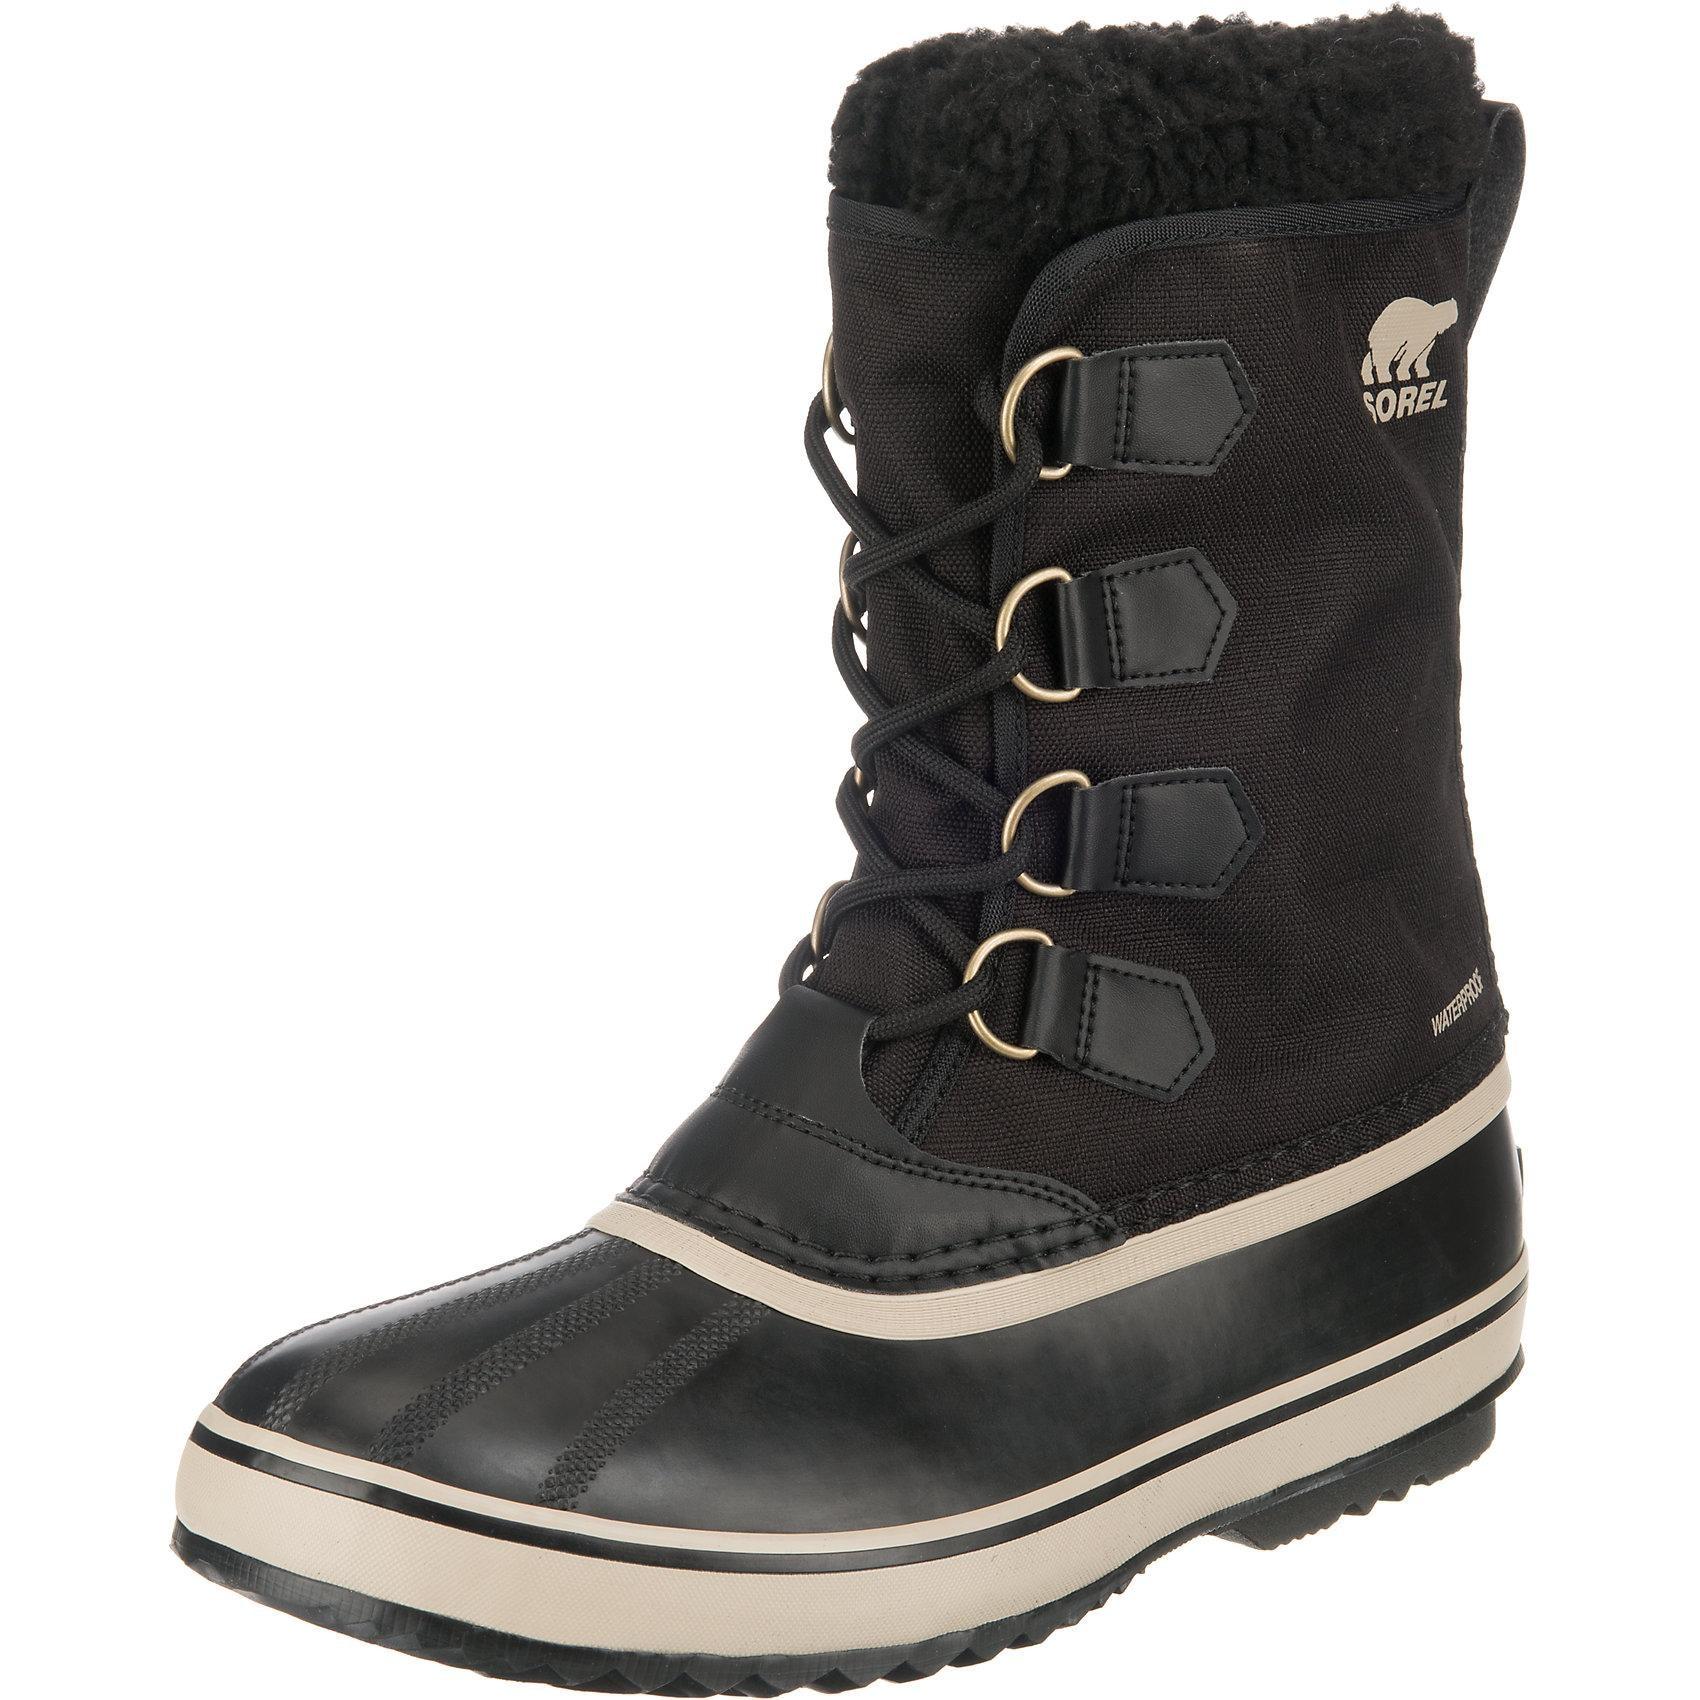 Herren Stiefel & Boots online bestellen » REWE